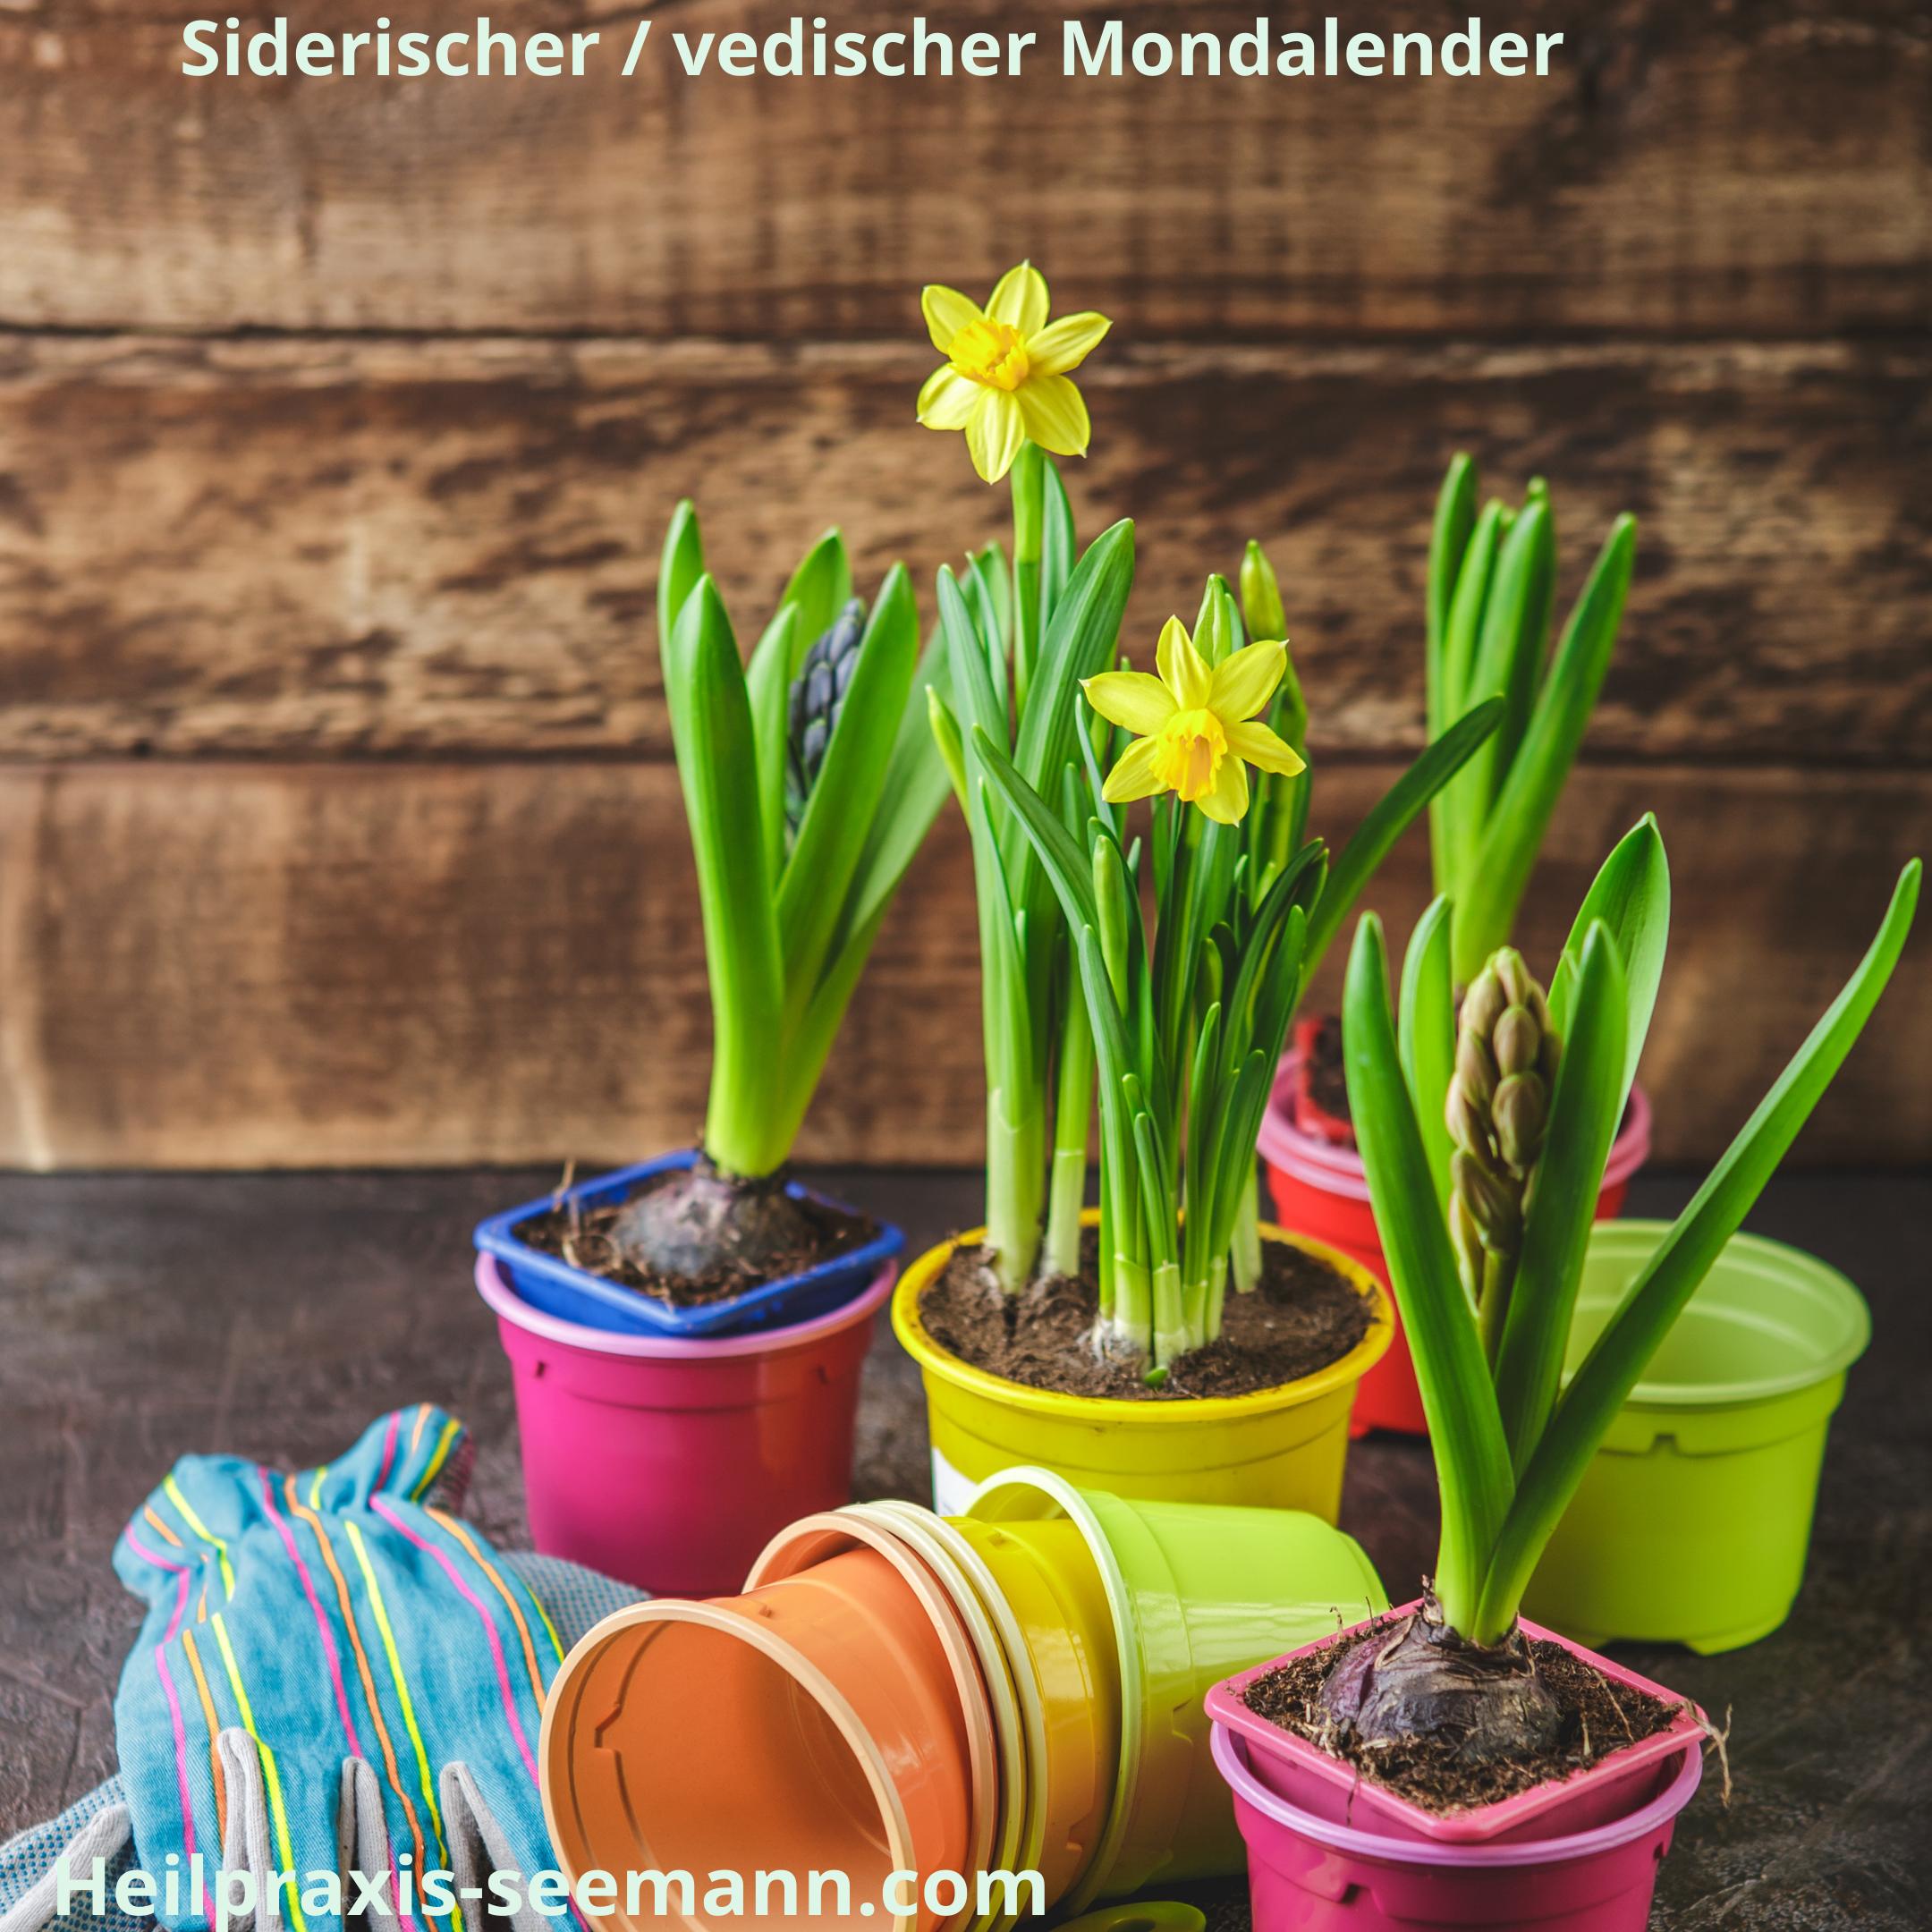 siderischer _ vedischer Mondkalender Widder (3)